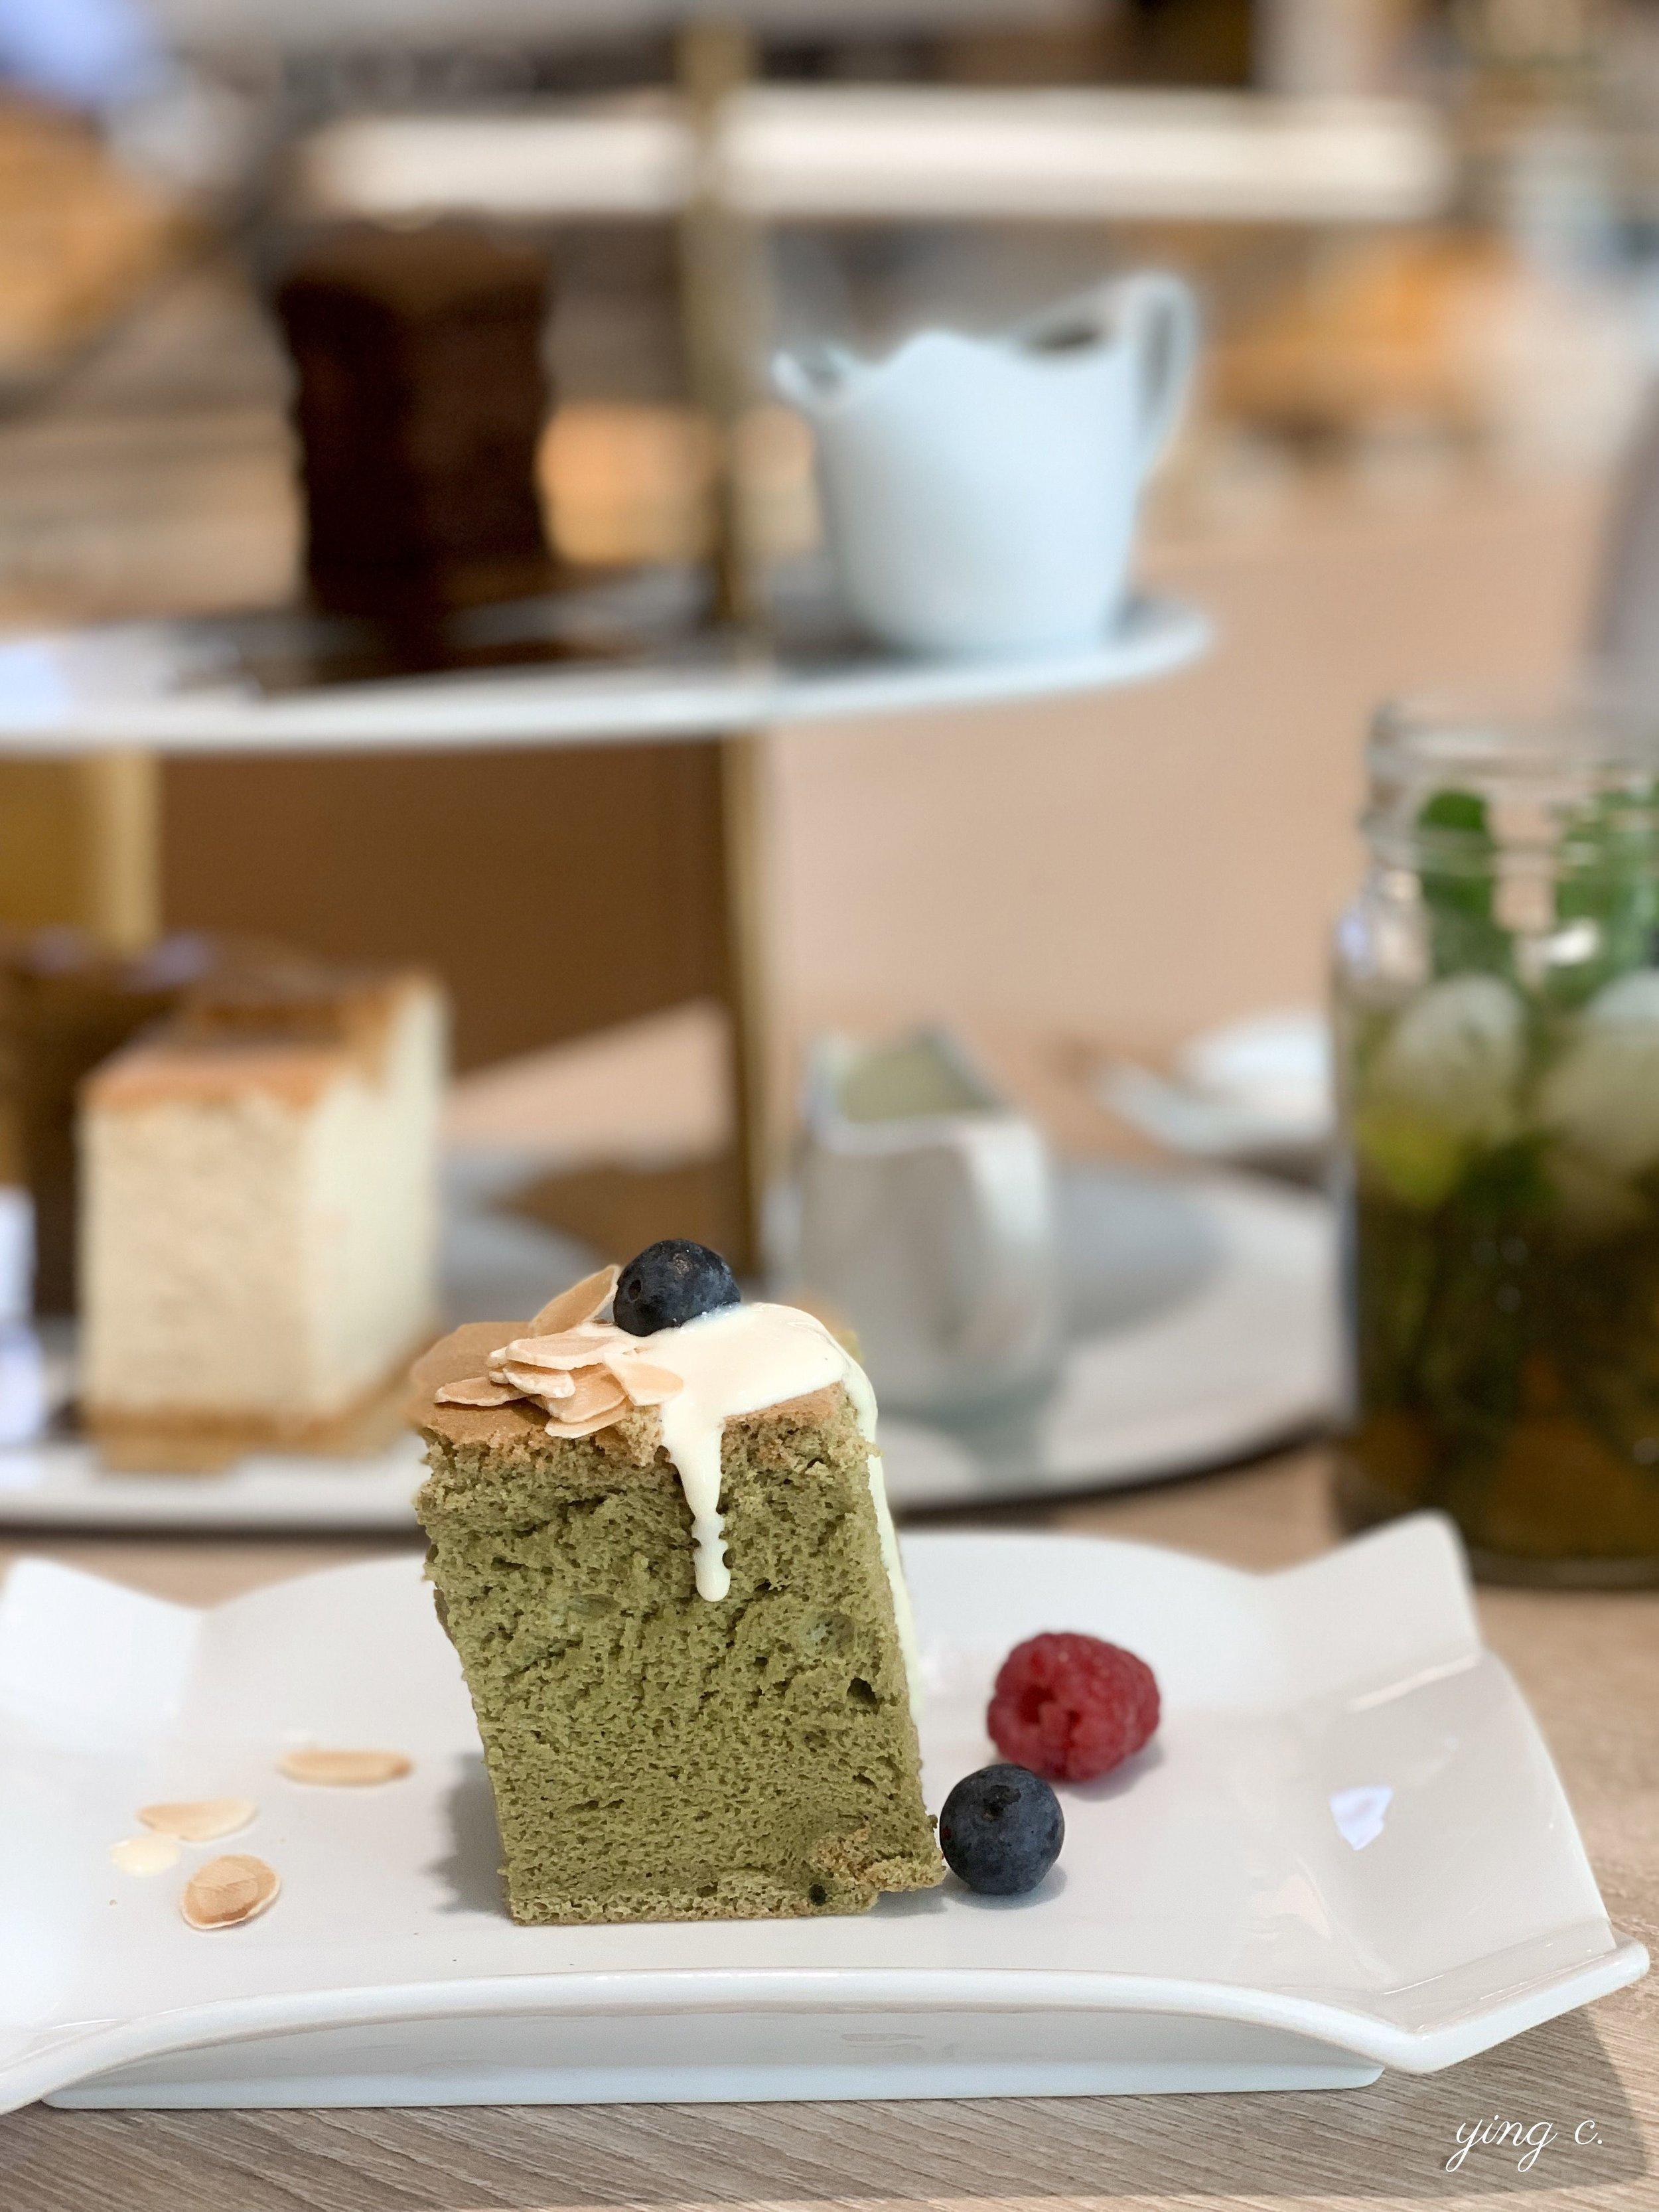 抹茶紅豆口味的蛋糕加上英式蛋奶醬(crème anglaise)與新鮮莓果和杏仁片。